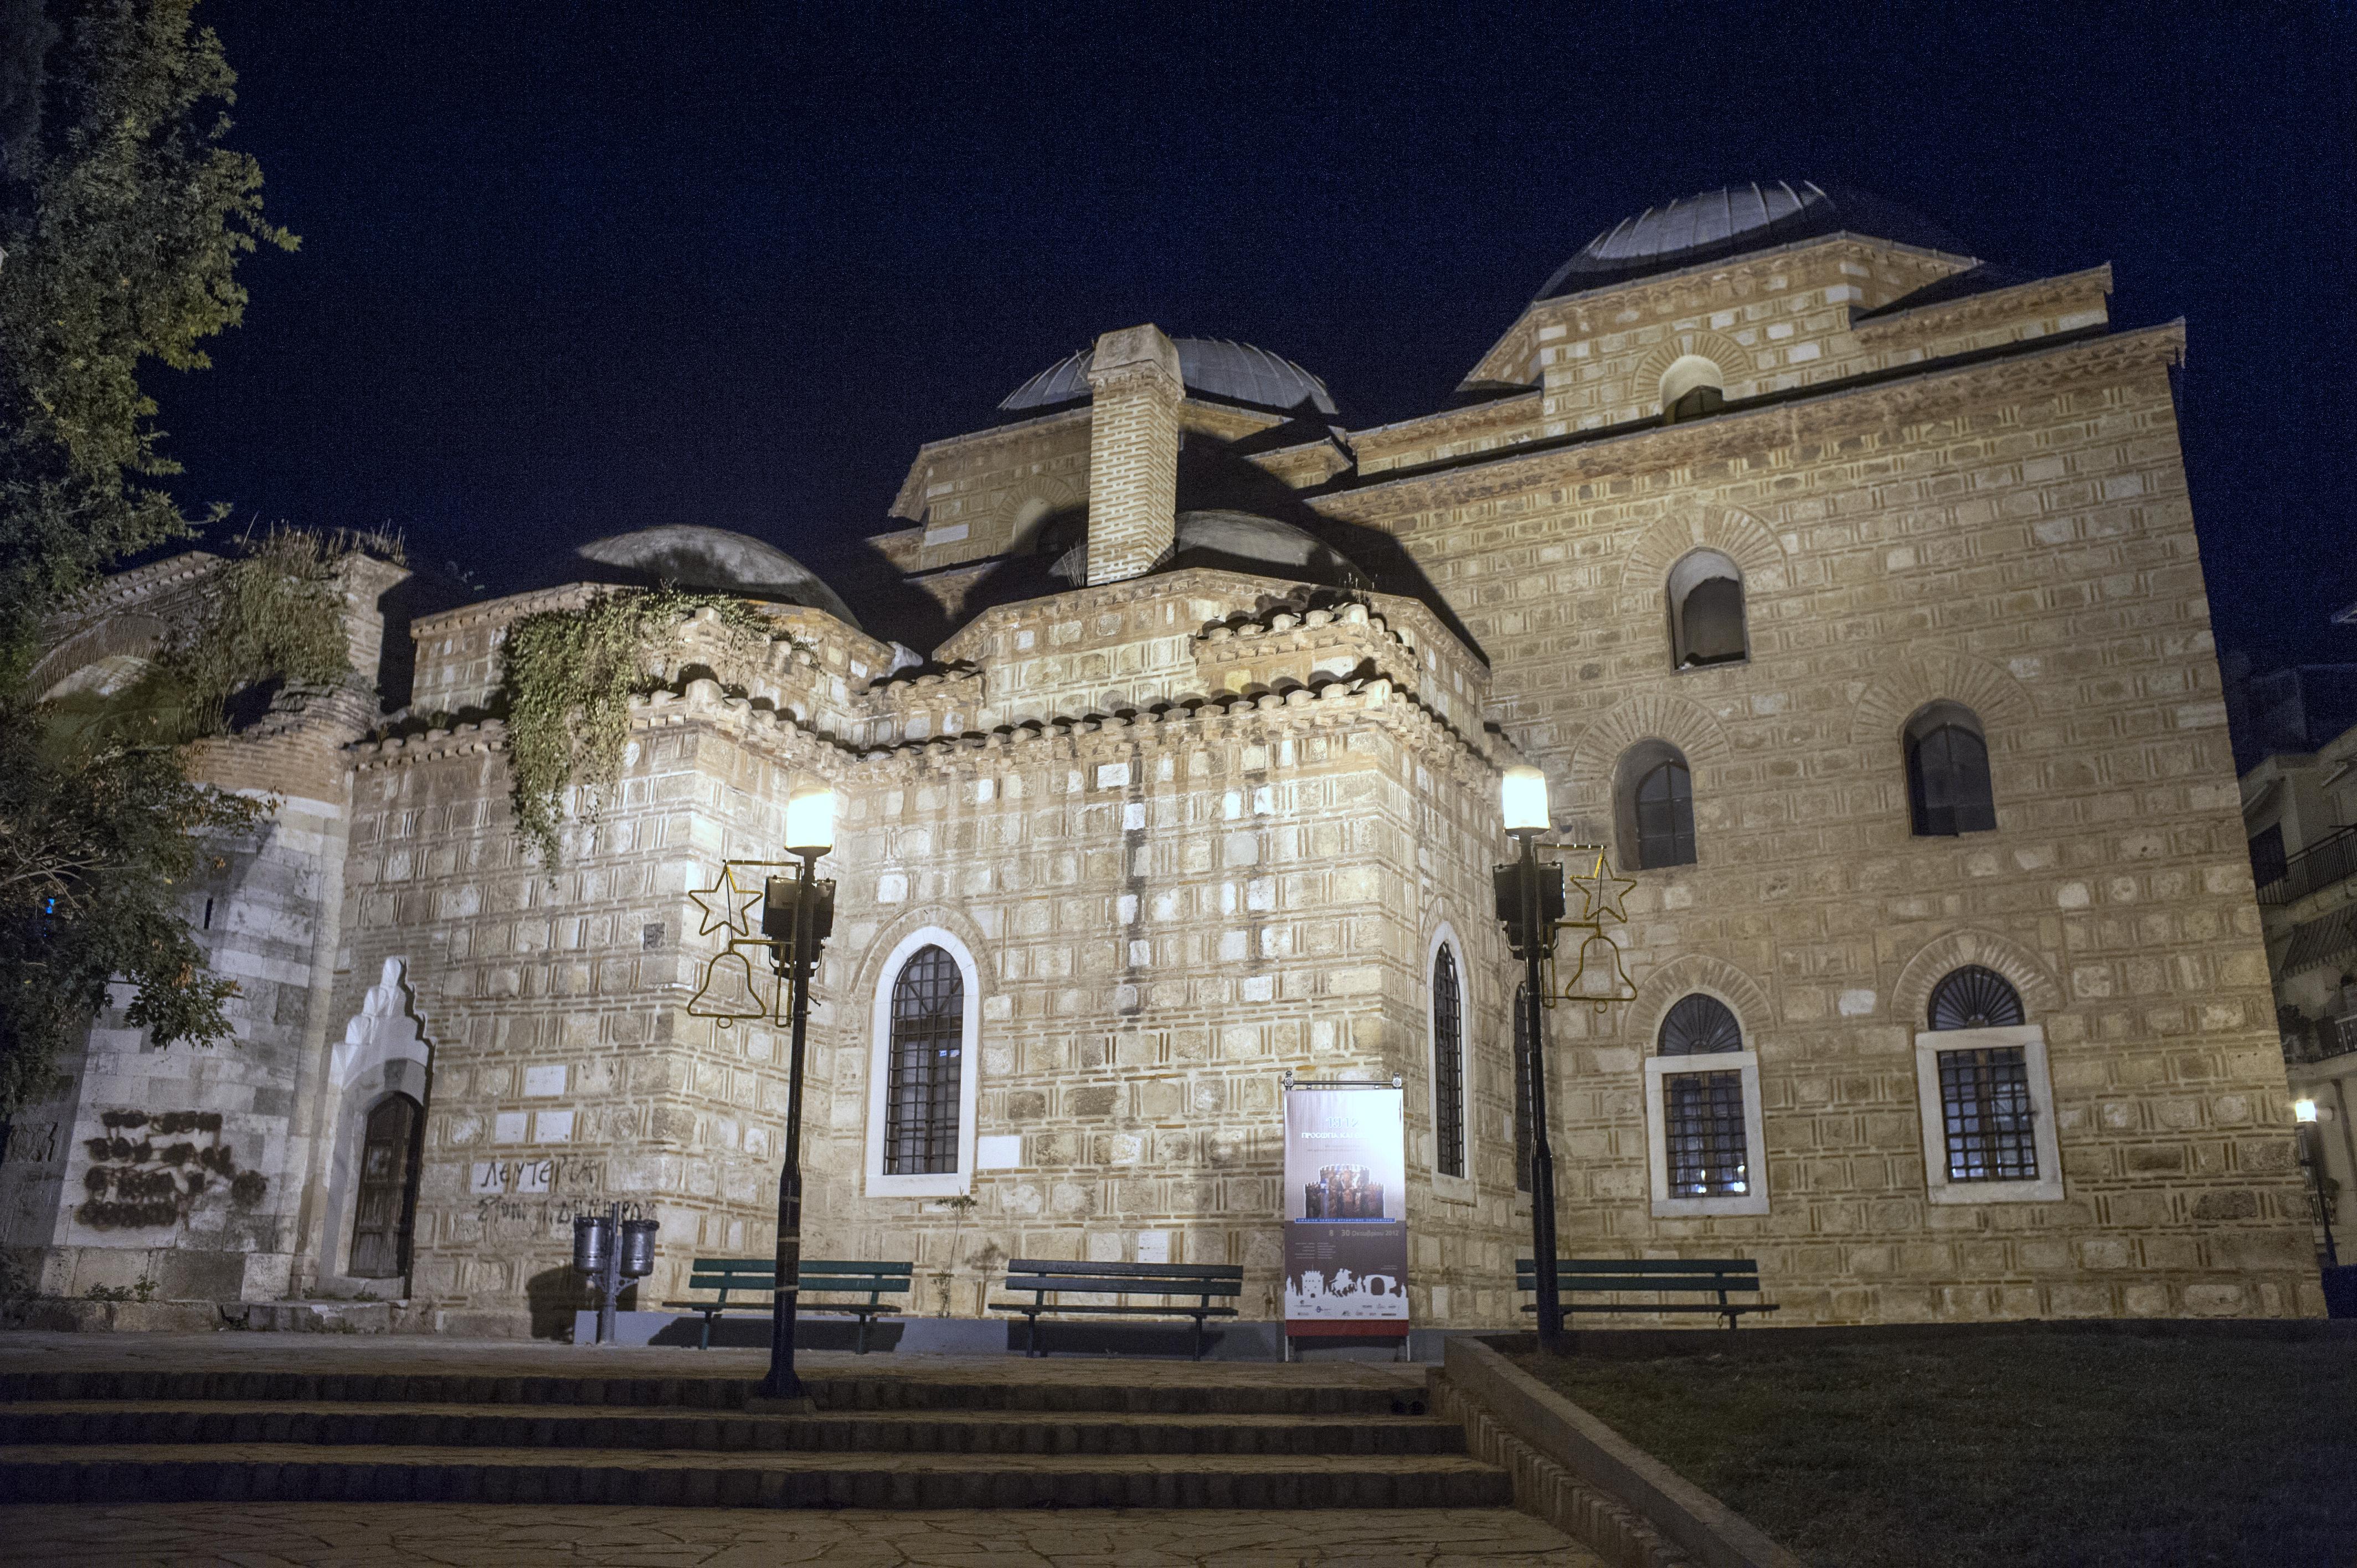 Moscheea Alatza Imaret